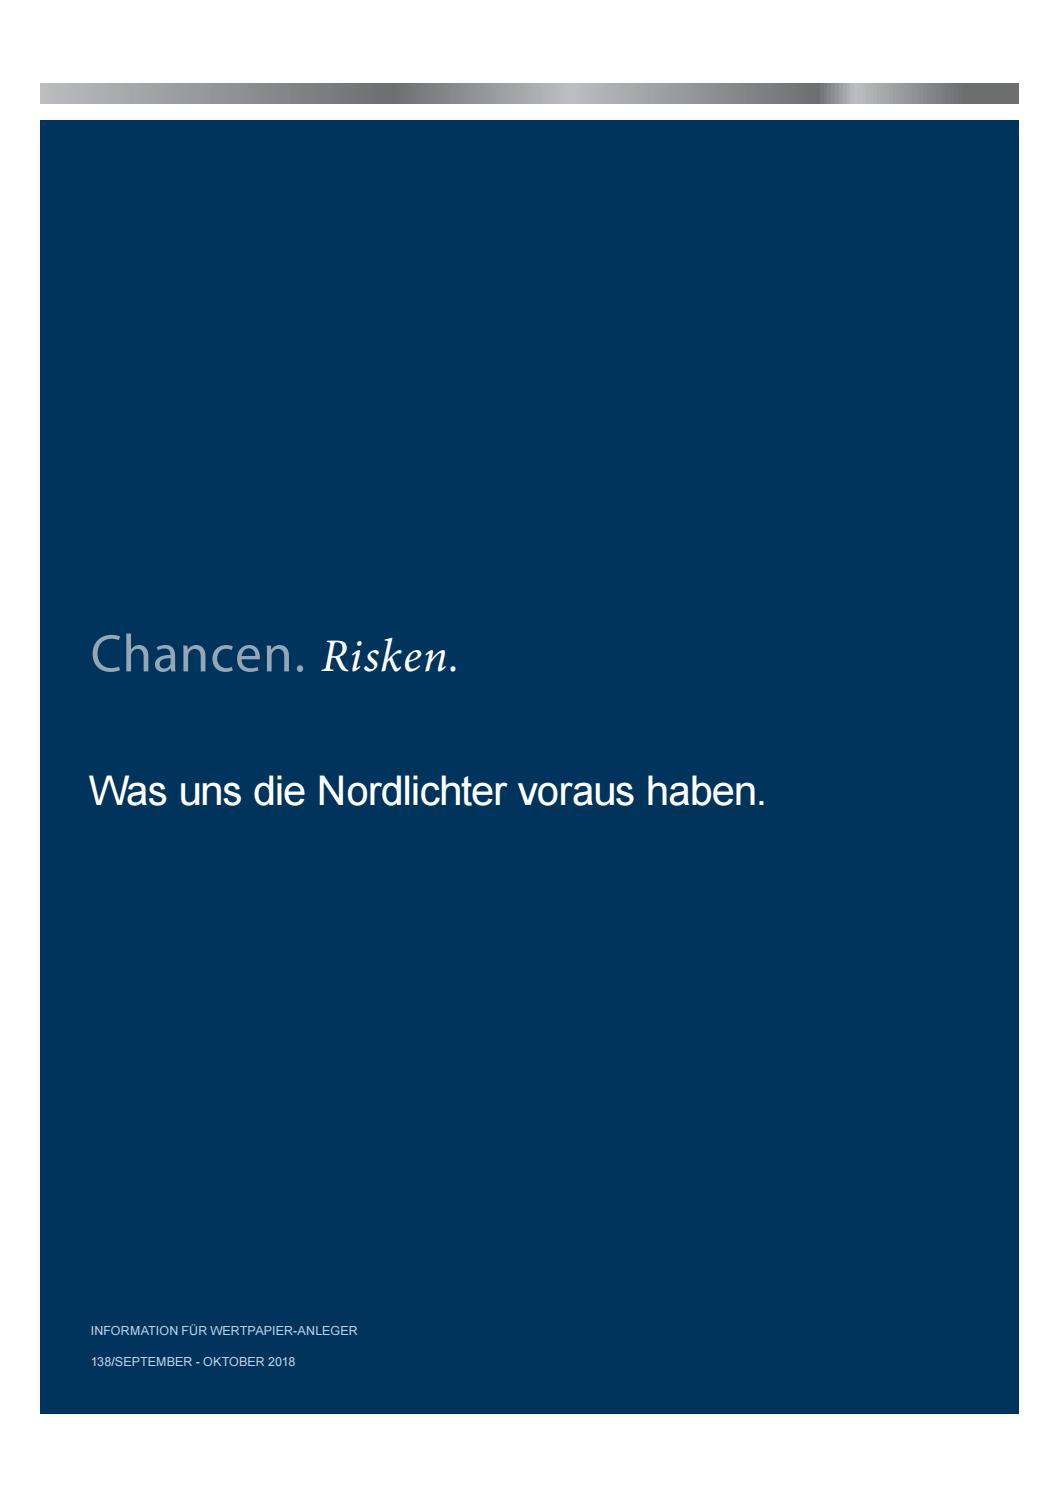 sinnbild deutschlands 8 buchstaben